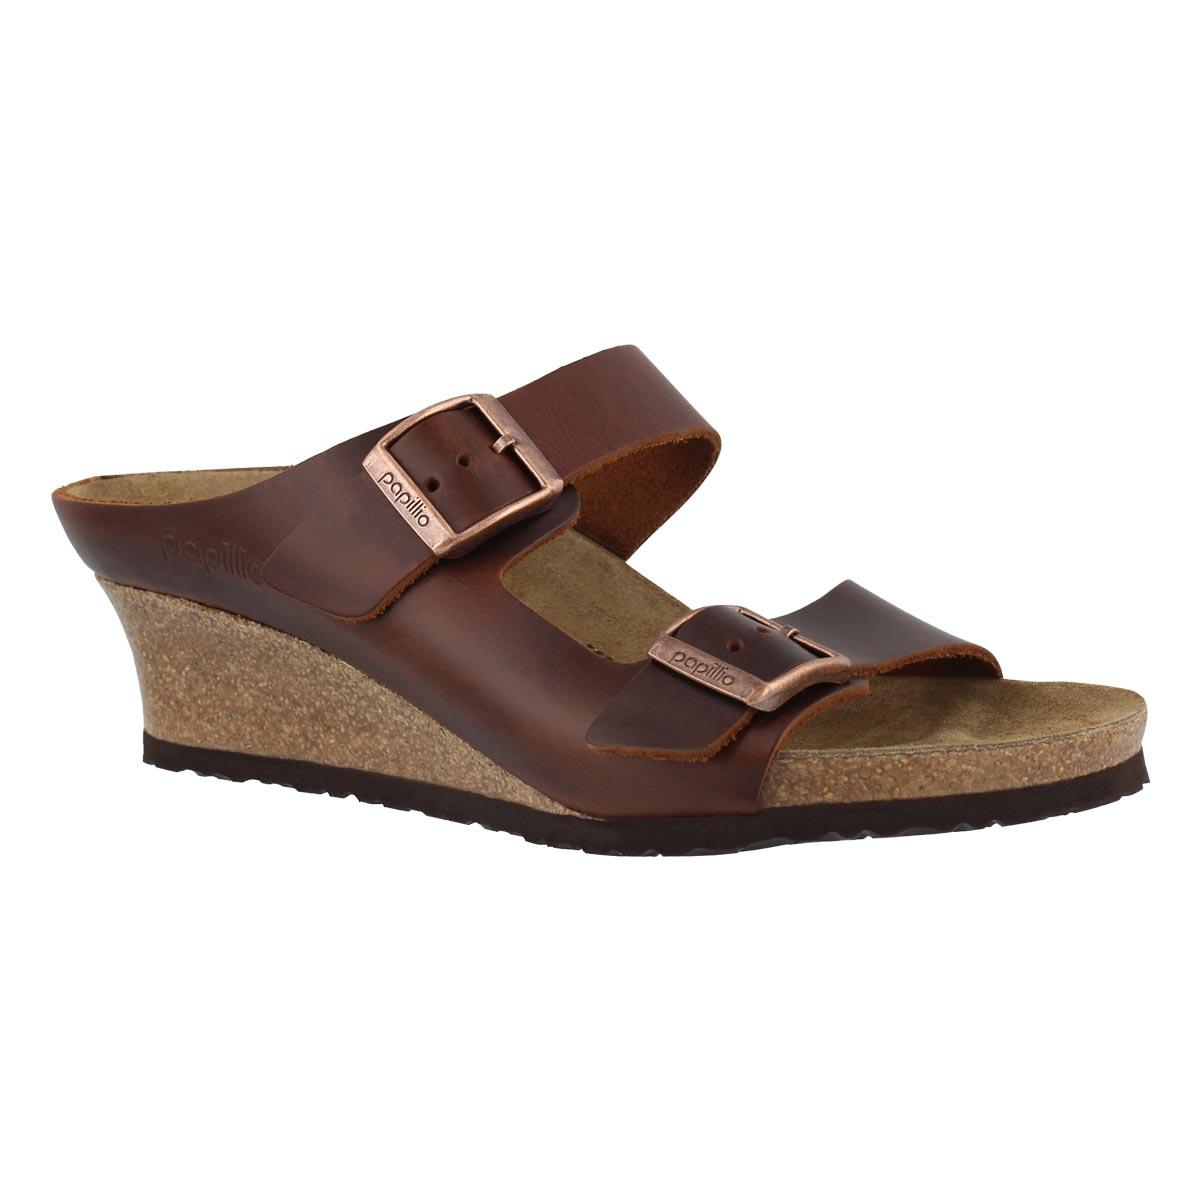 Women's EMINA LTR cognac wedge sandals - Narrow